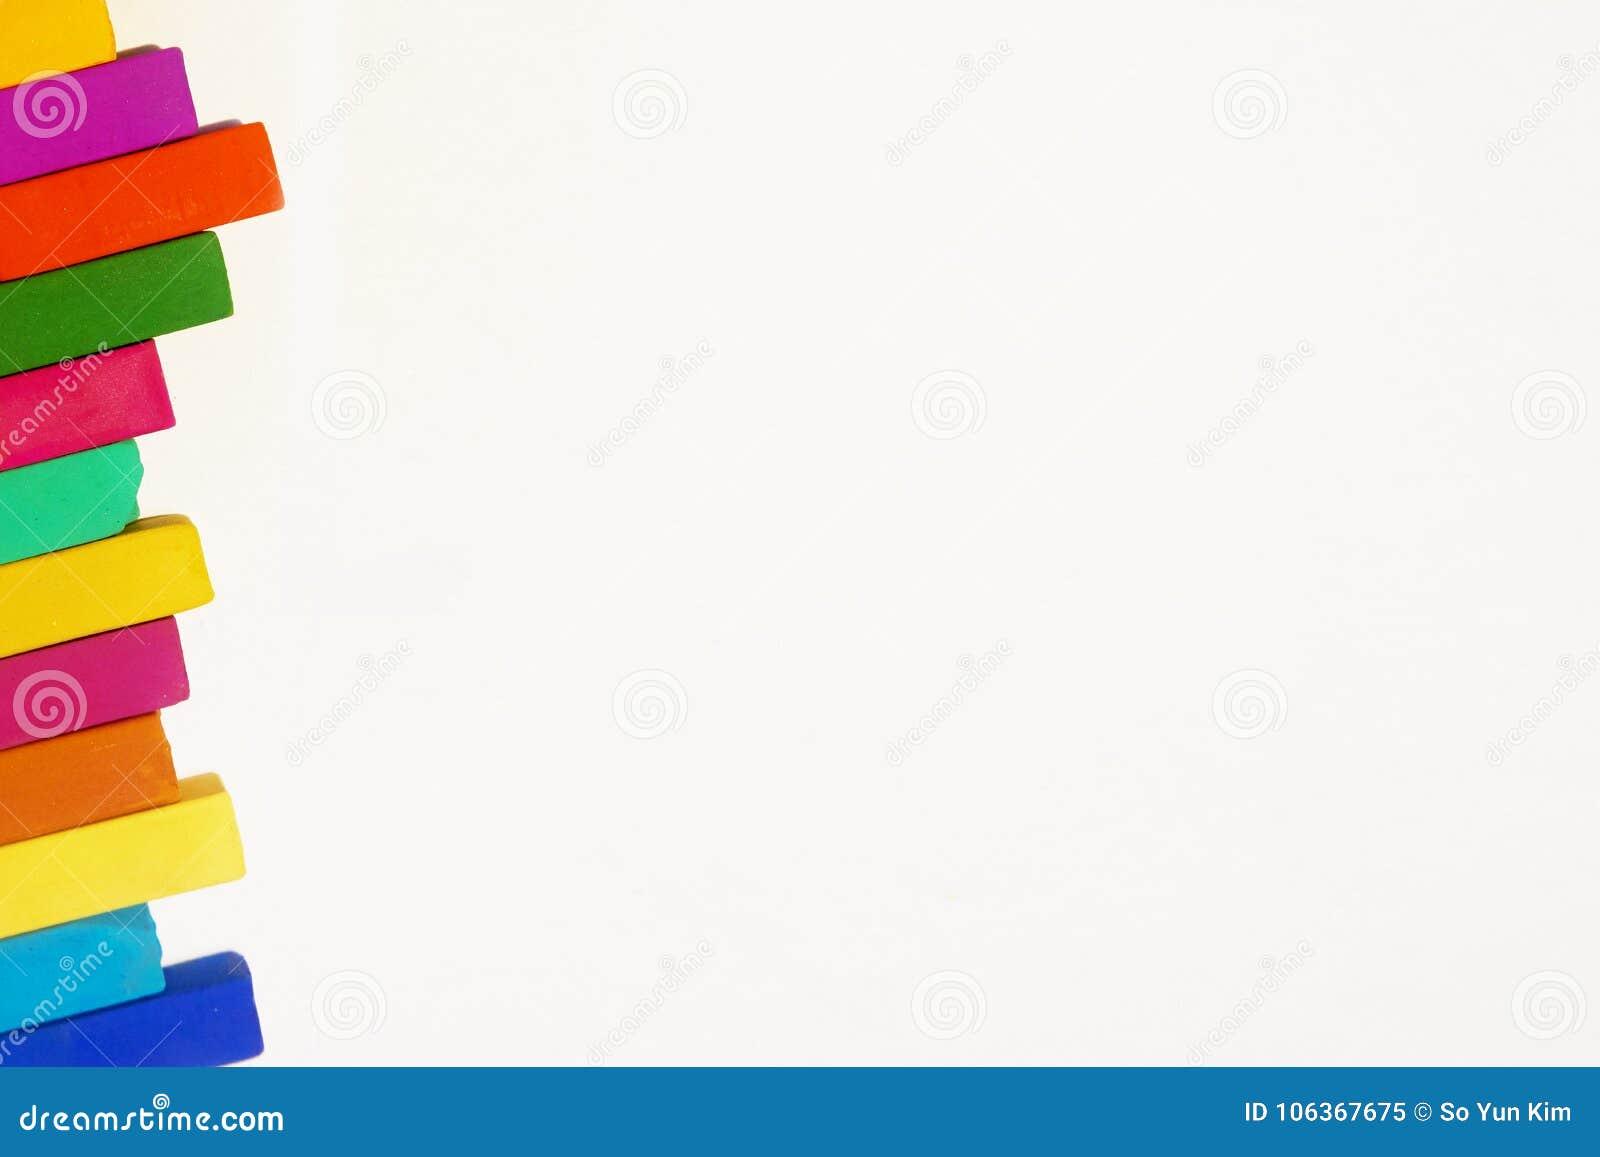 Det finns många färgade pastell sid - förbi - sidan